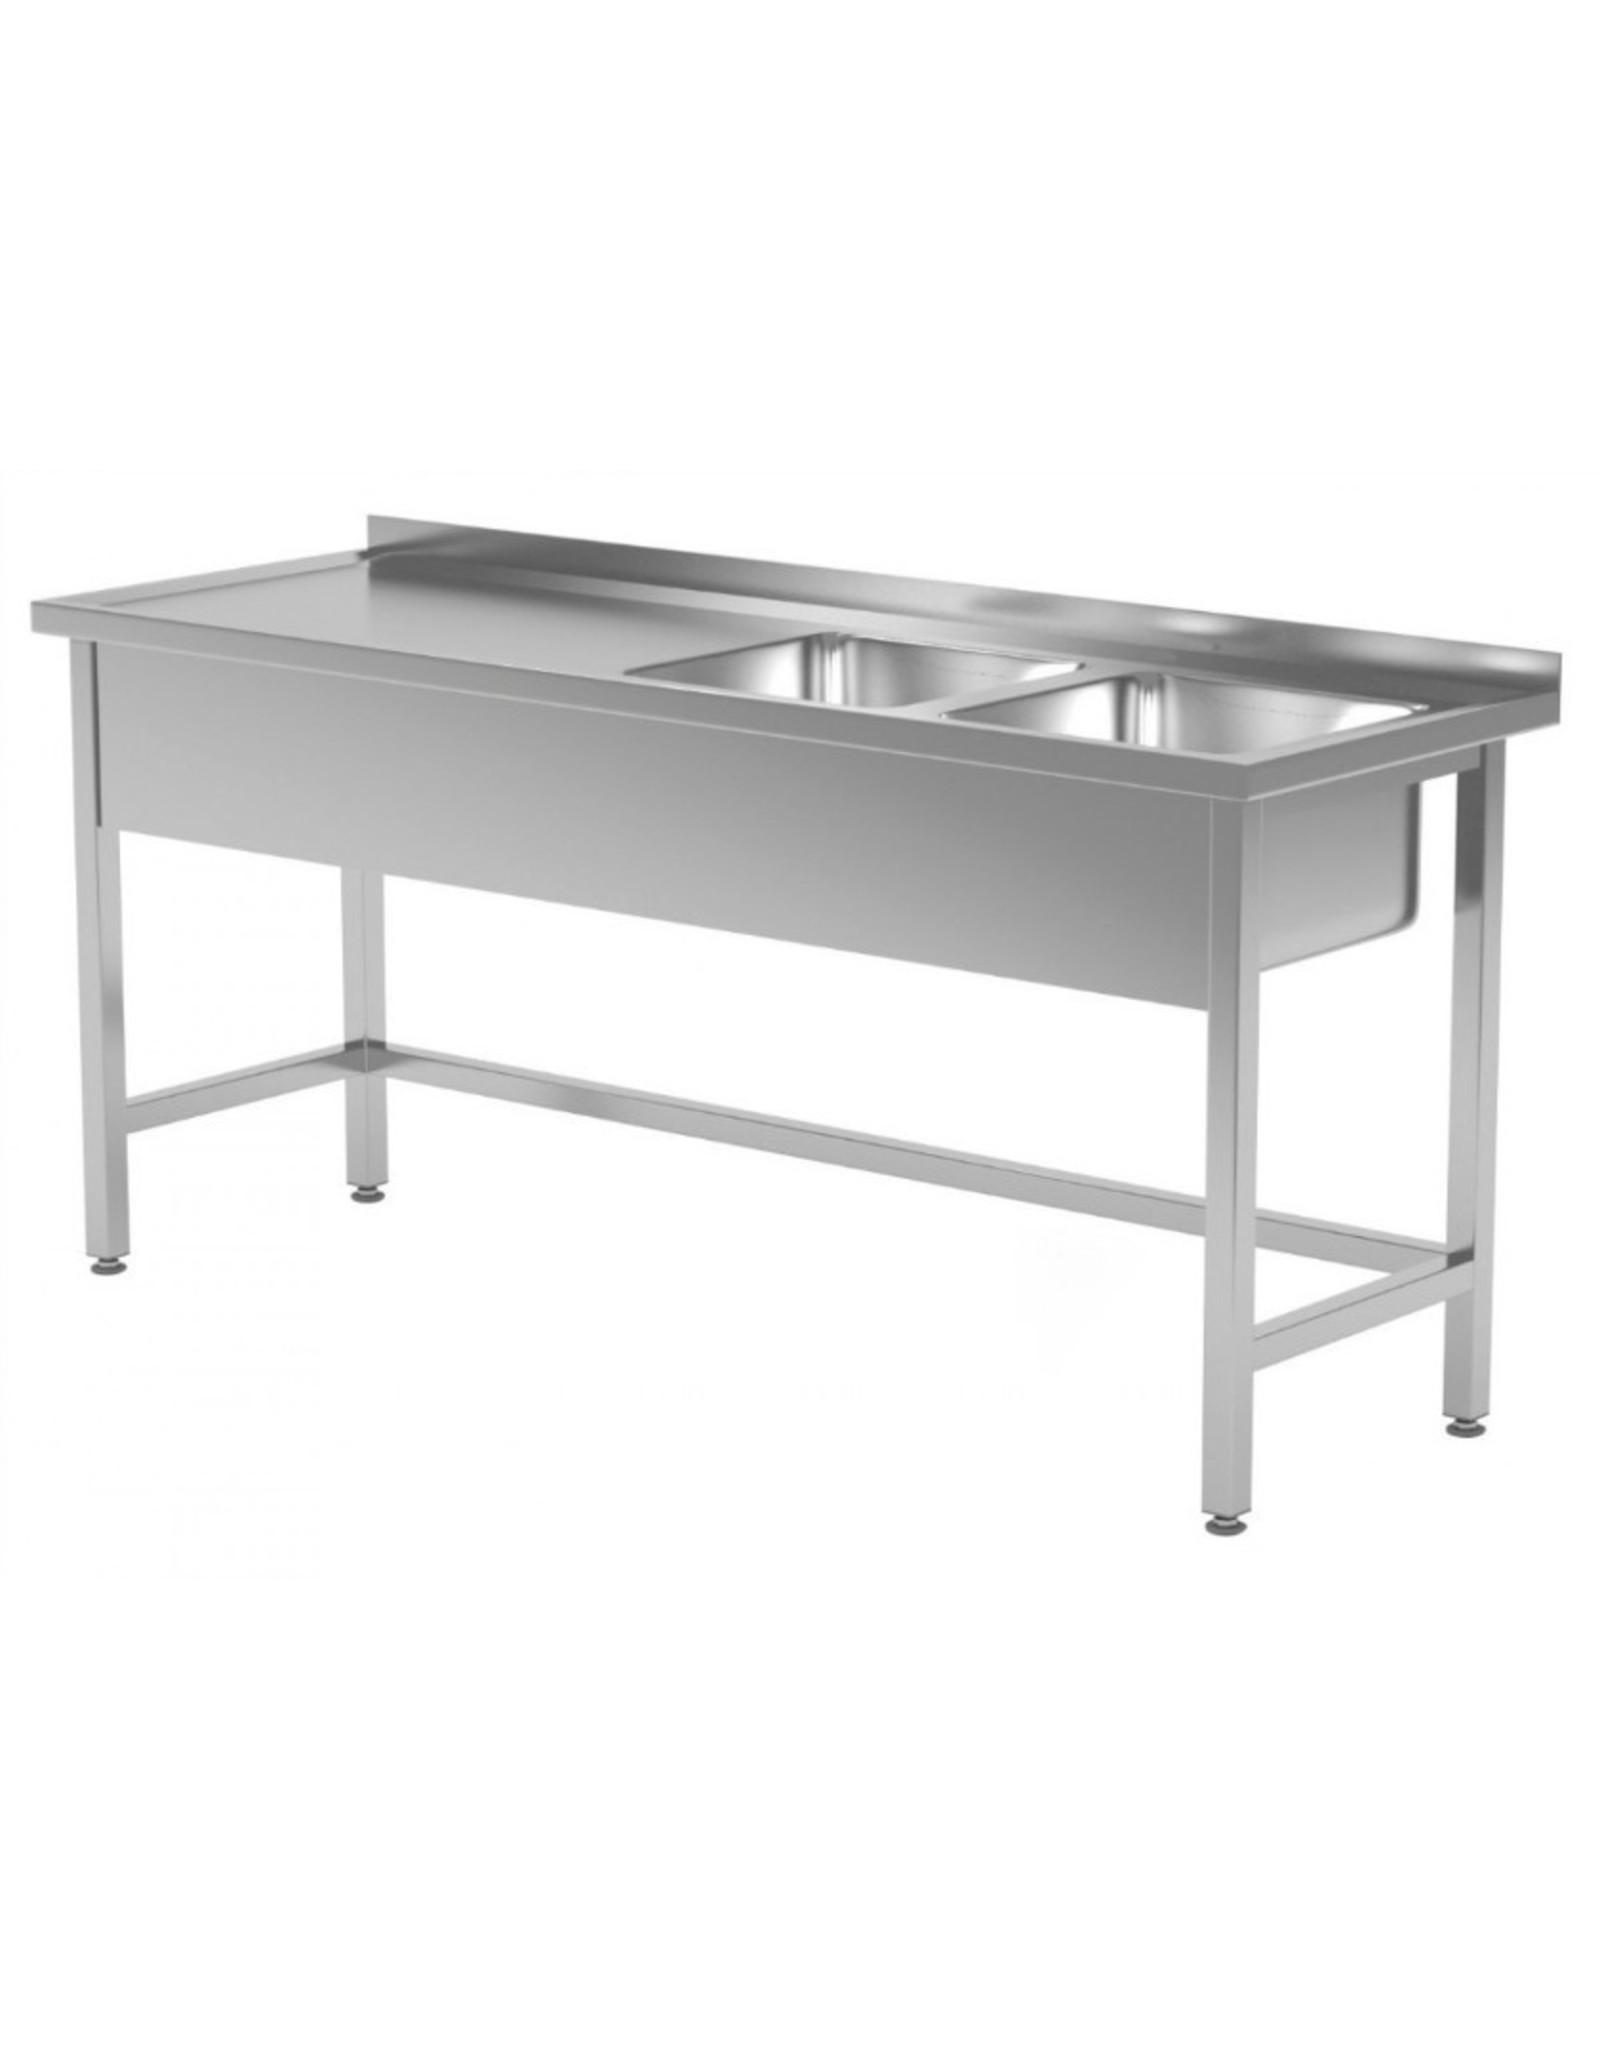 Spoeltafel met open onderkant verstevigd | 2 spoelbakken rechts | 1400-1900mm breed | 600 of 700mm diep